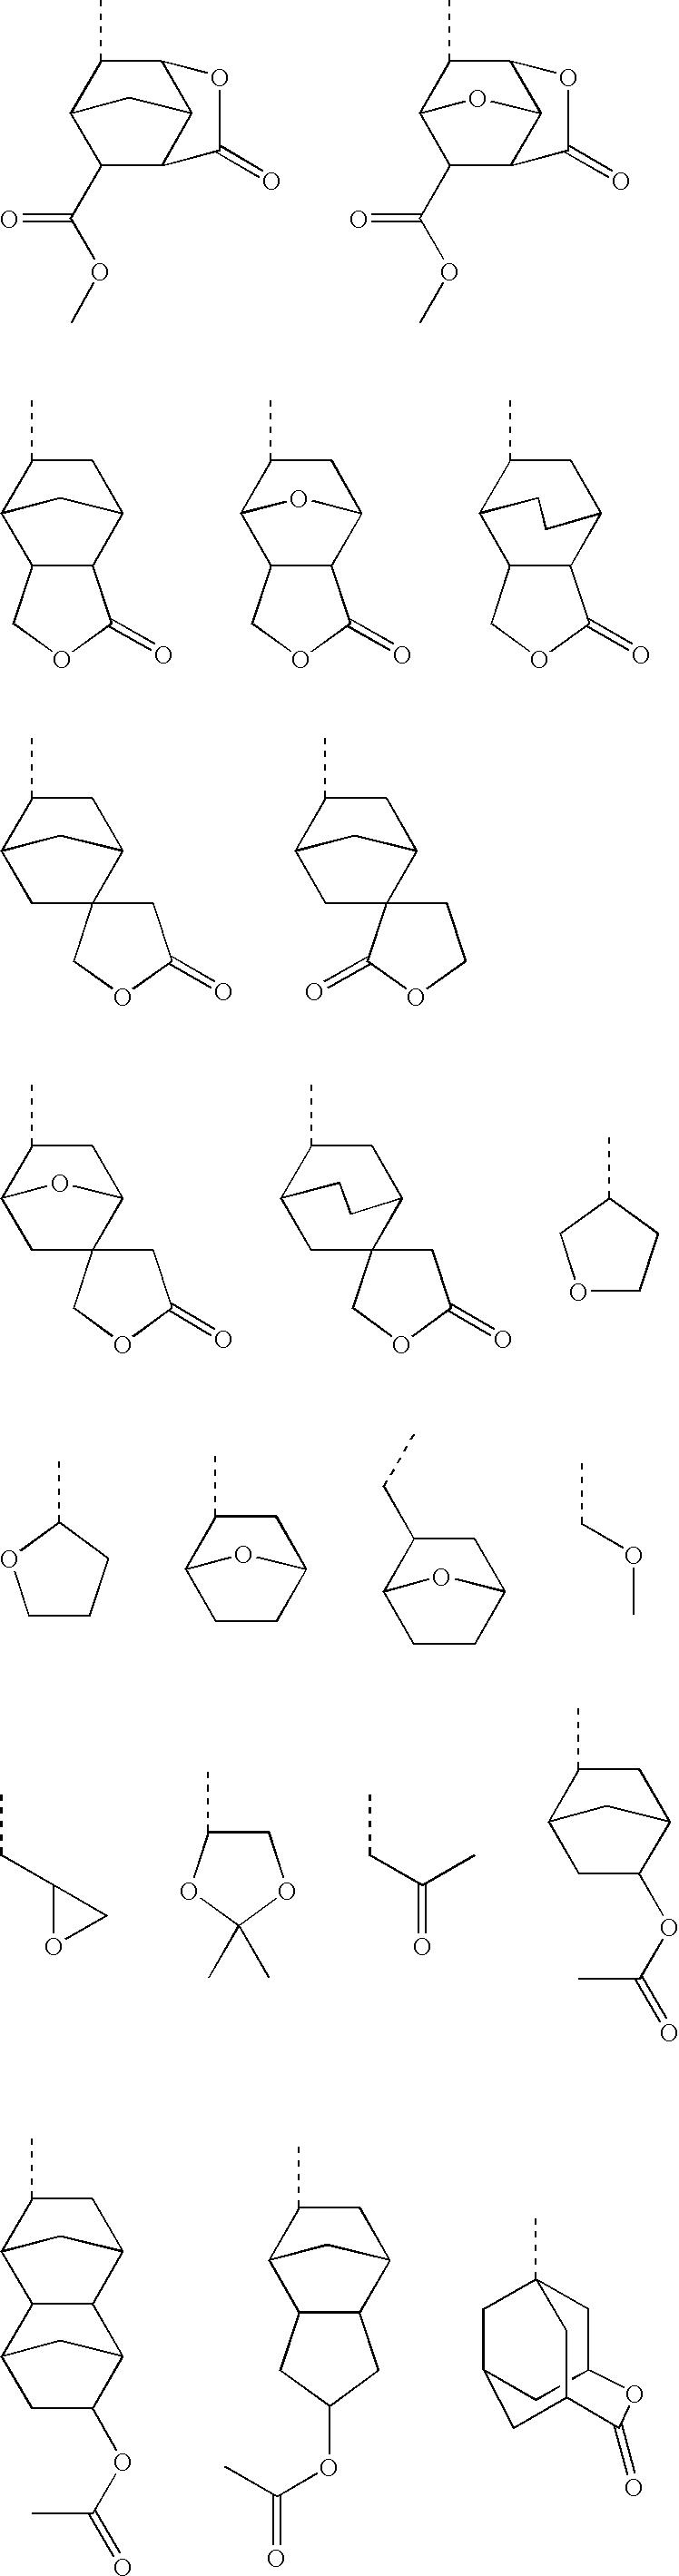 Figure US07537880-20090526-C00013